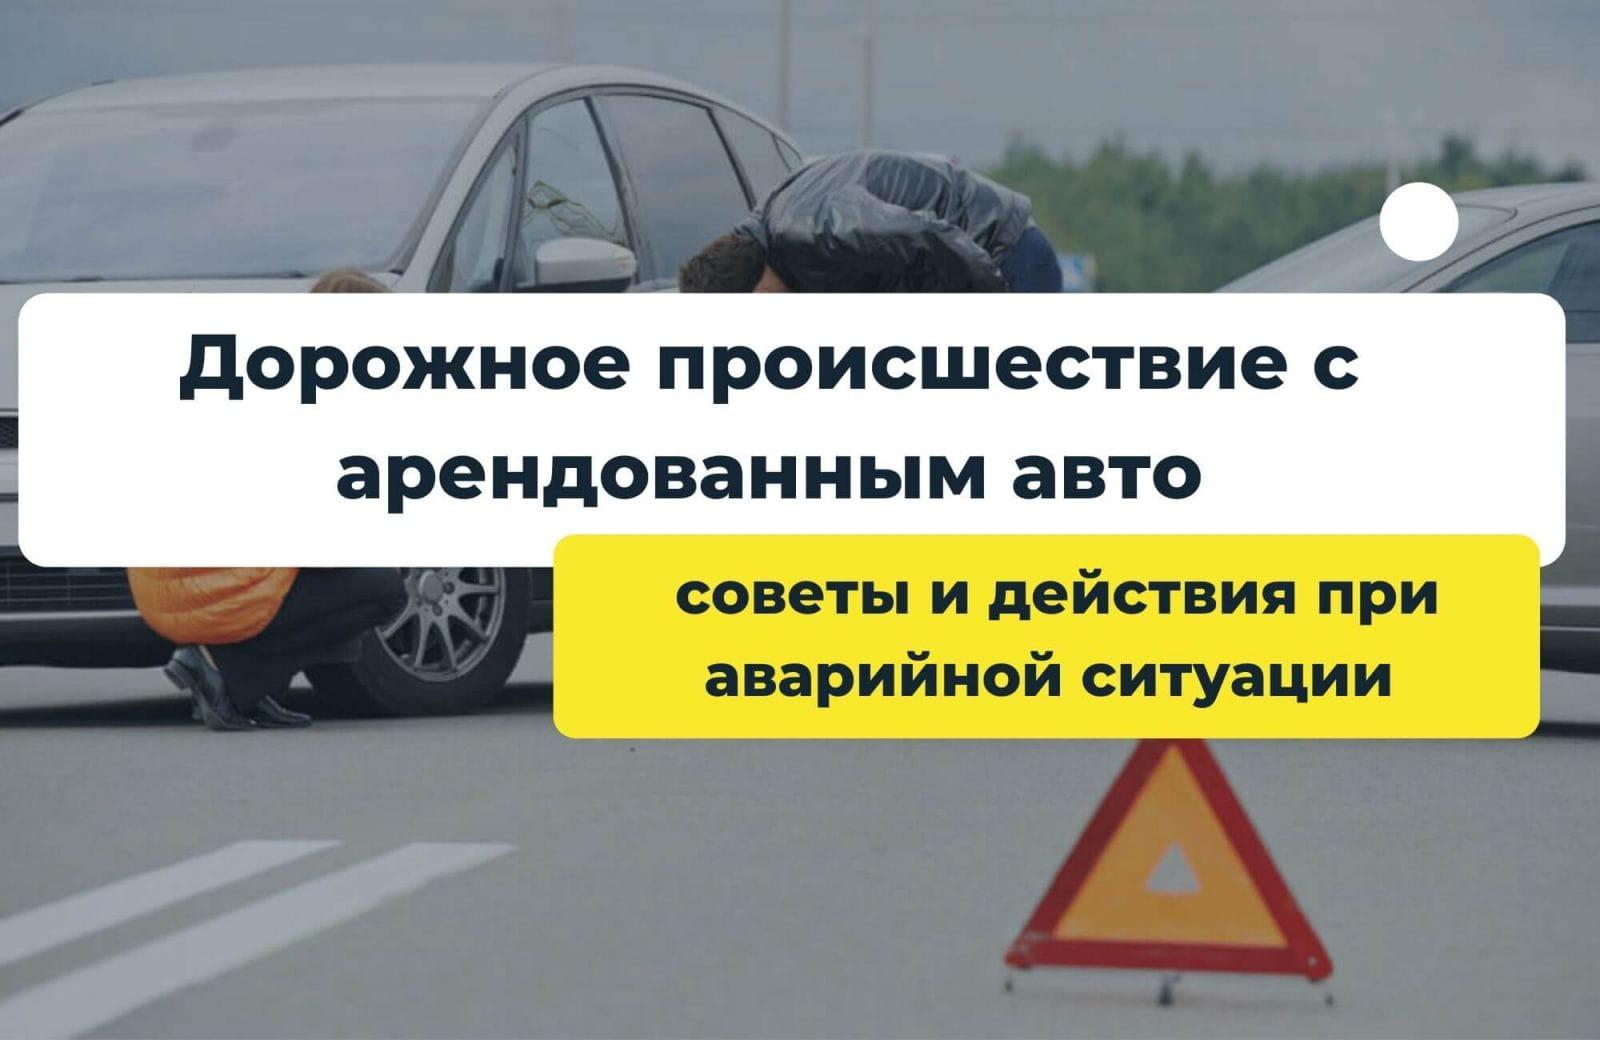 Дорожное происшествие с арендованным авто